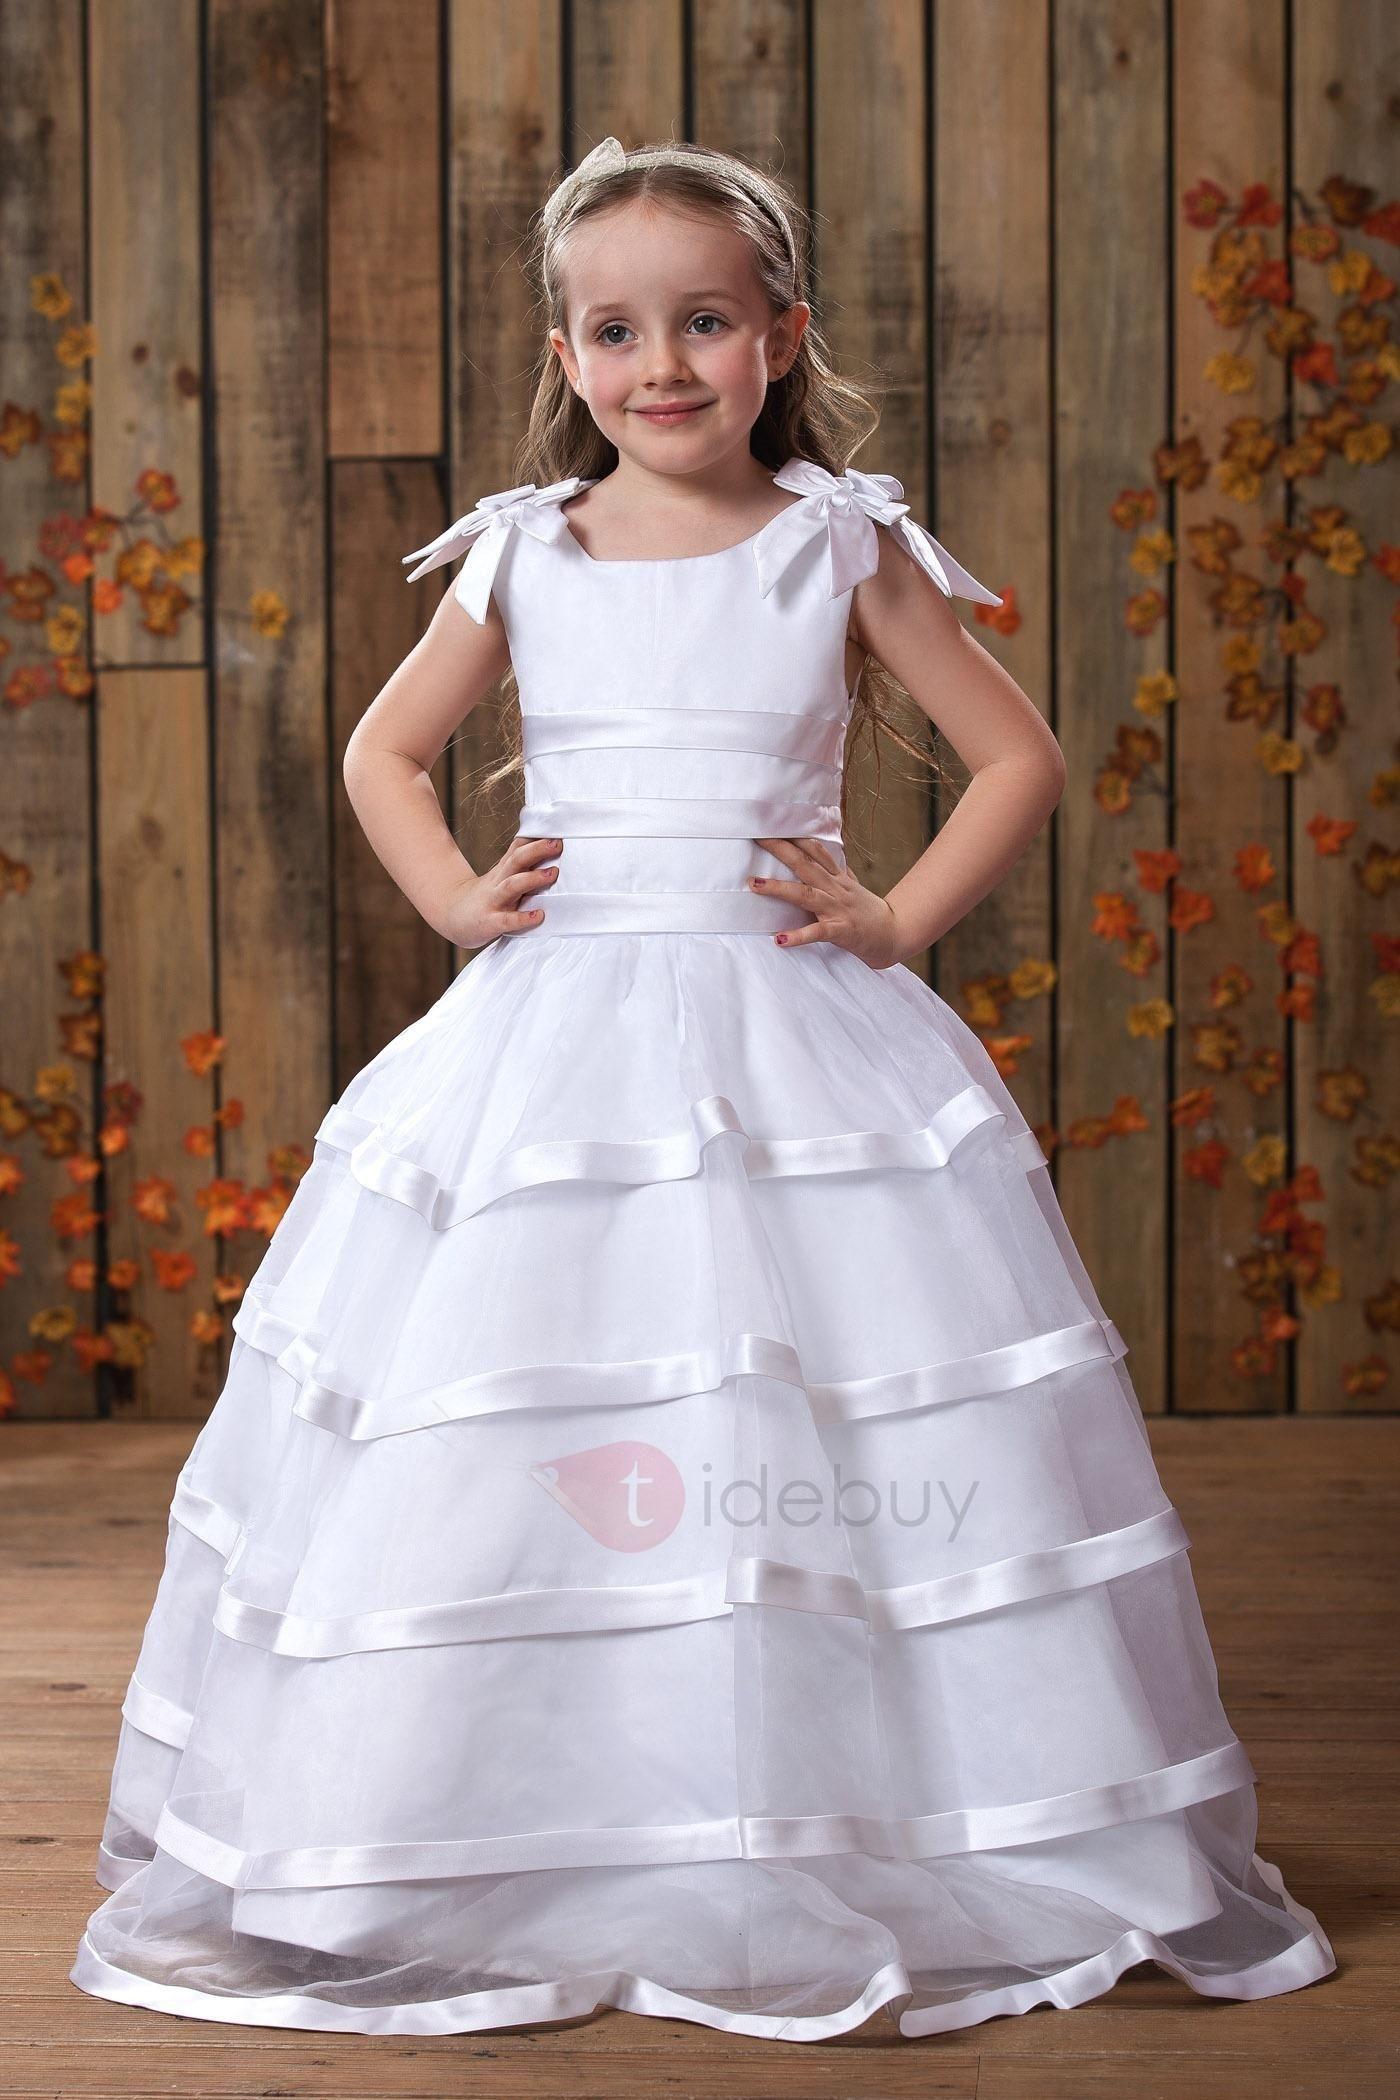 Tidebuy tidebuy lovely aline straps bowknot flower girls dress